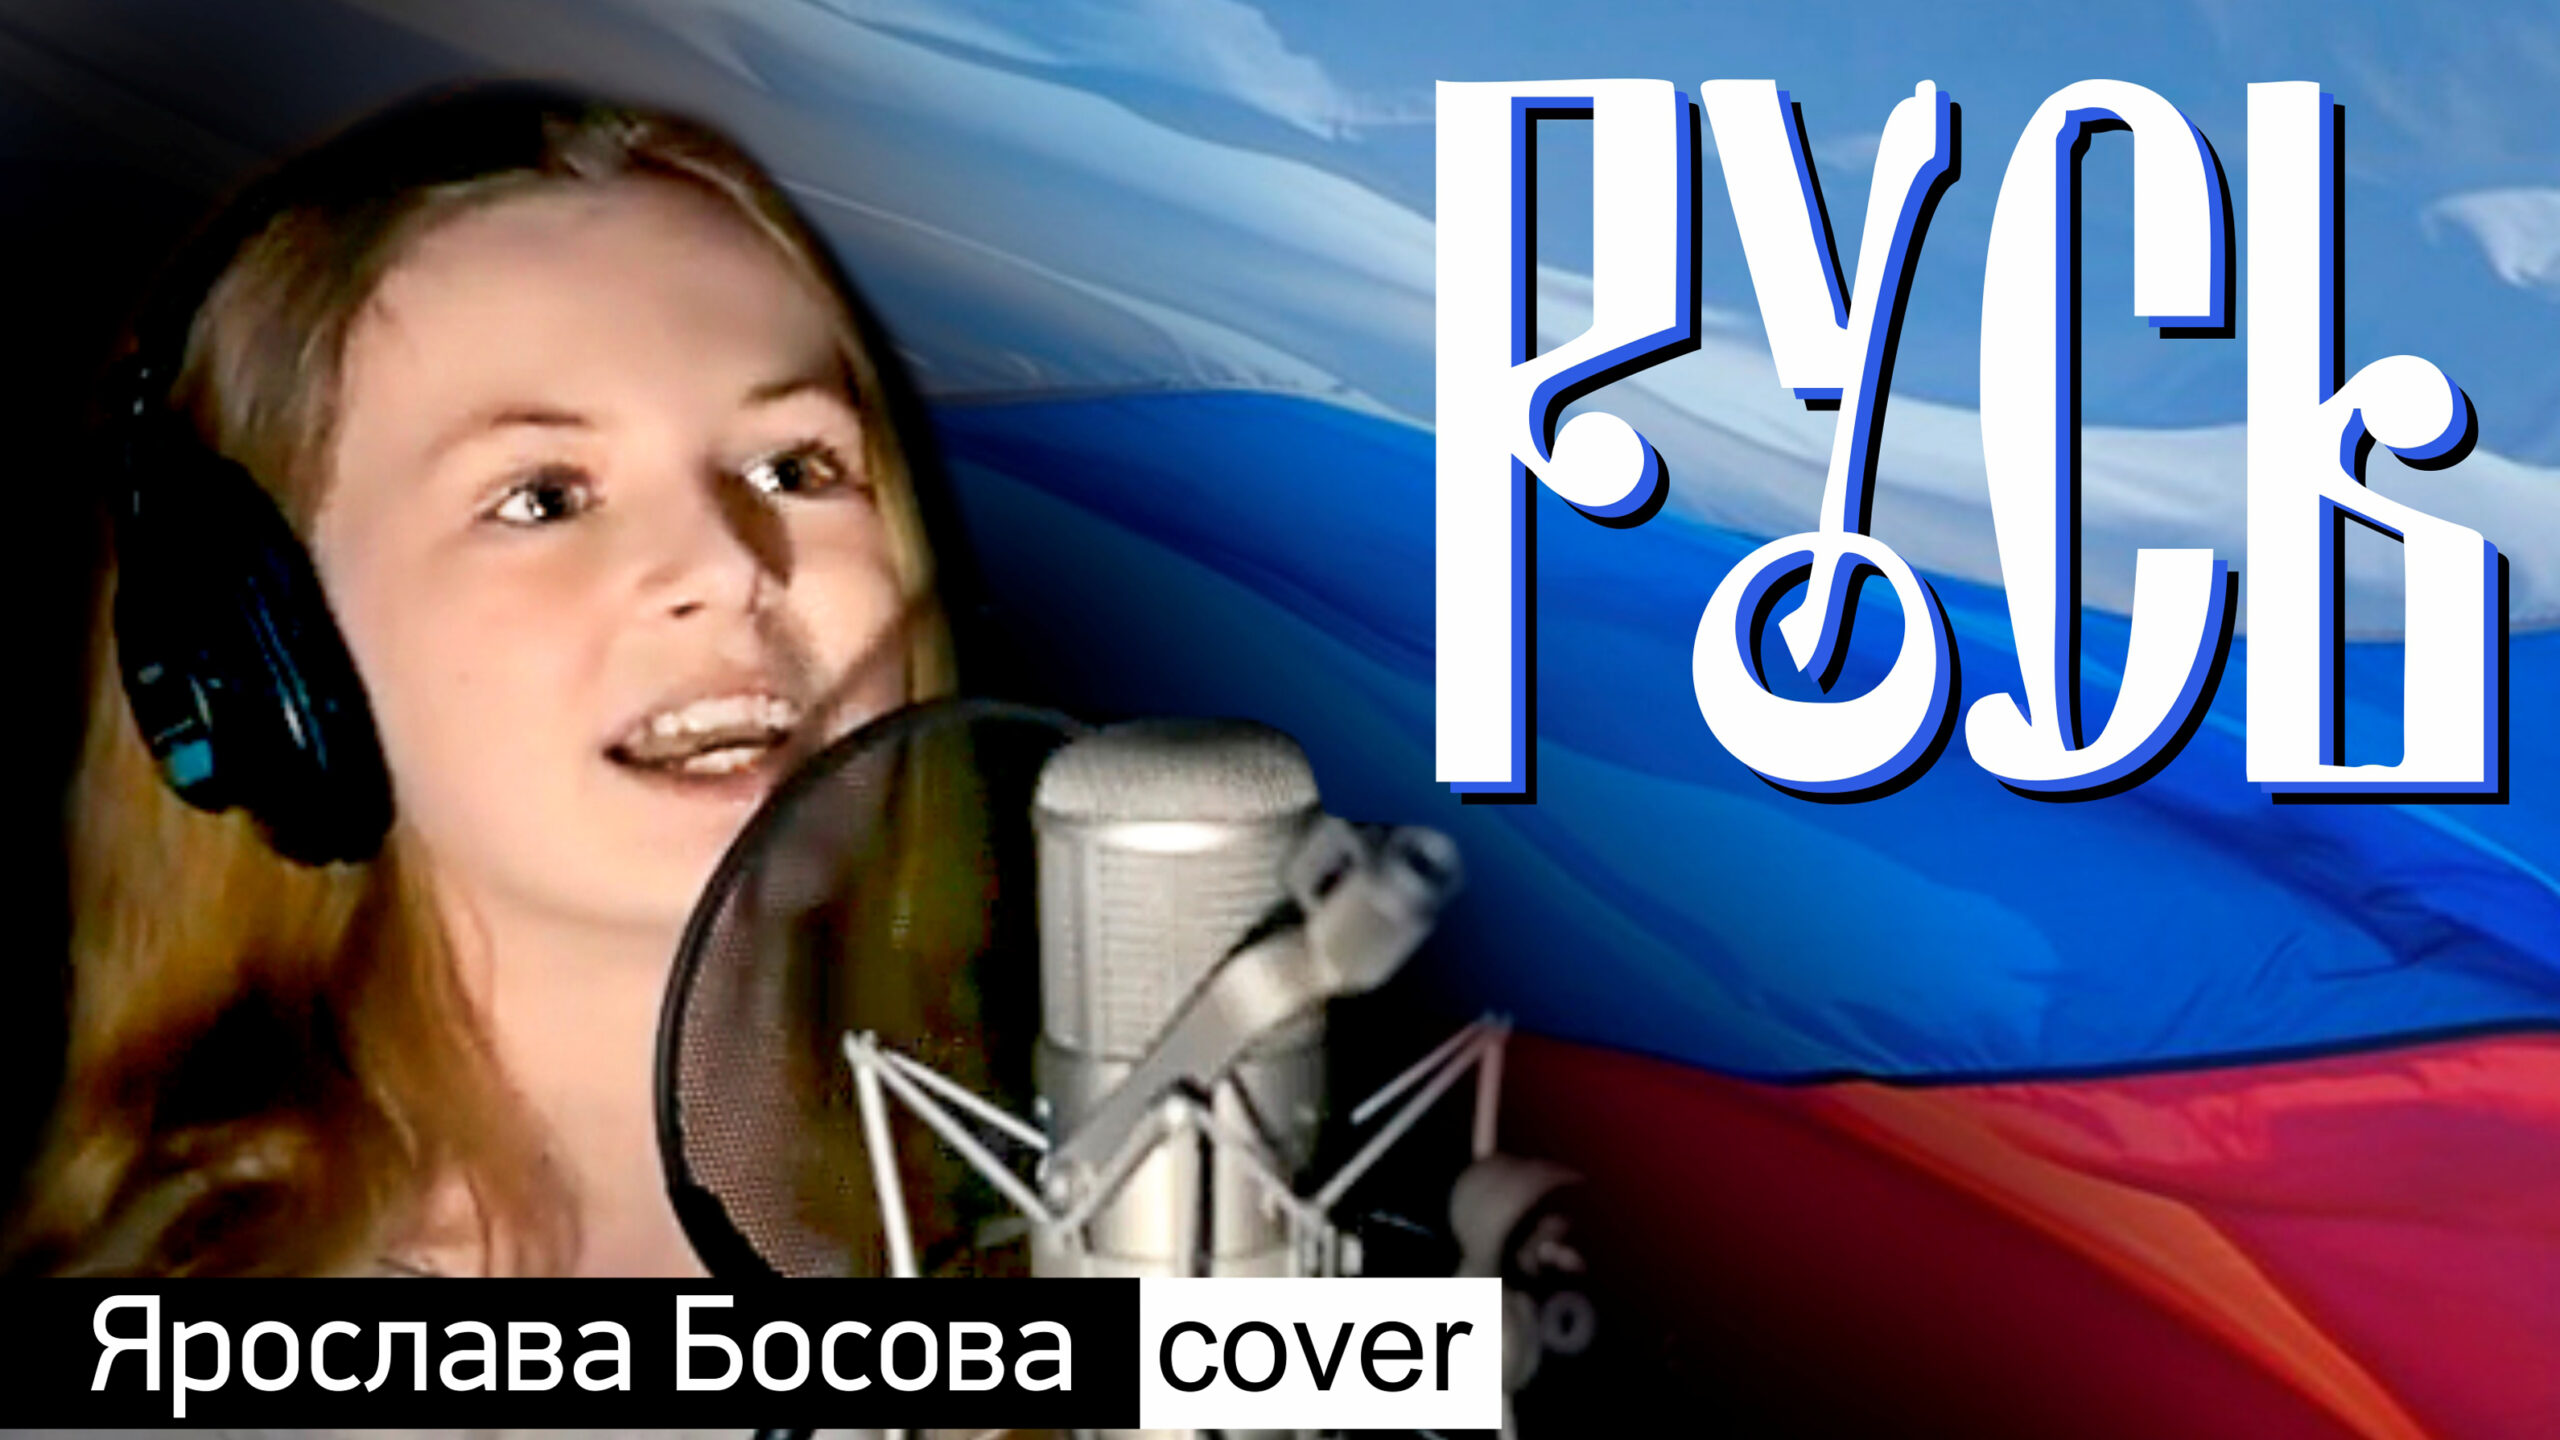 Русь (кавер) в исполнении Ярославы Босовой